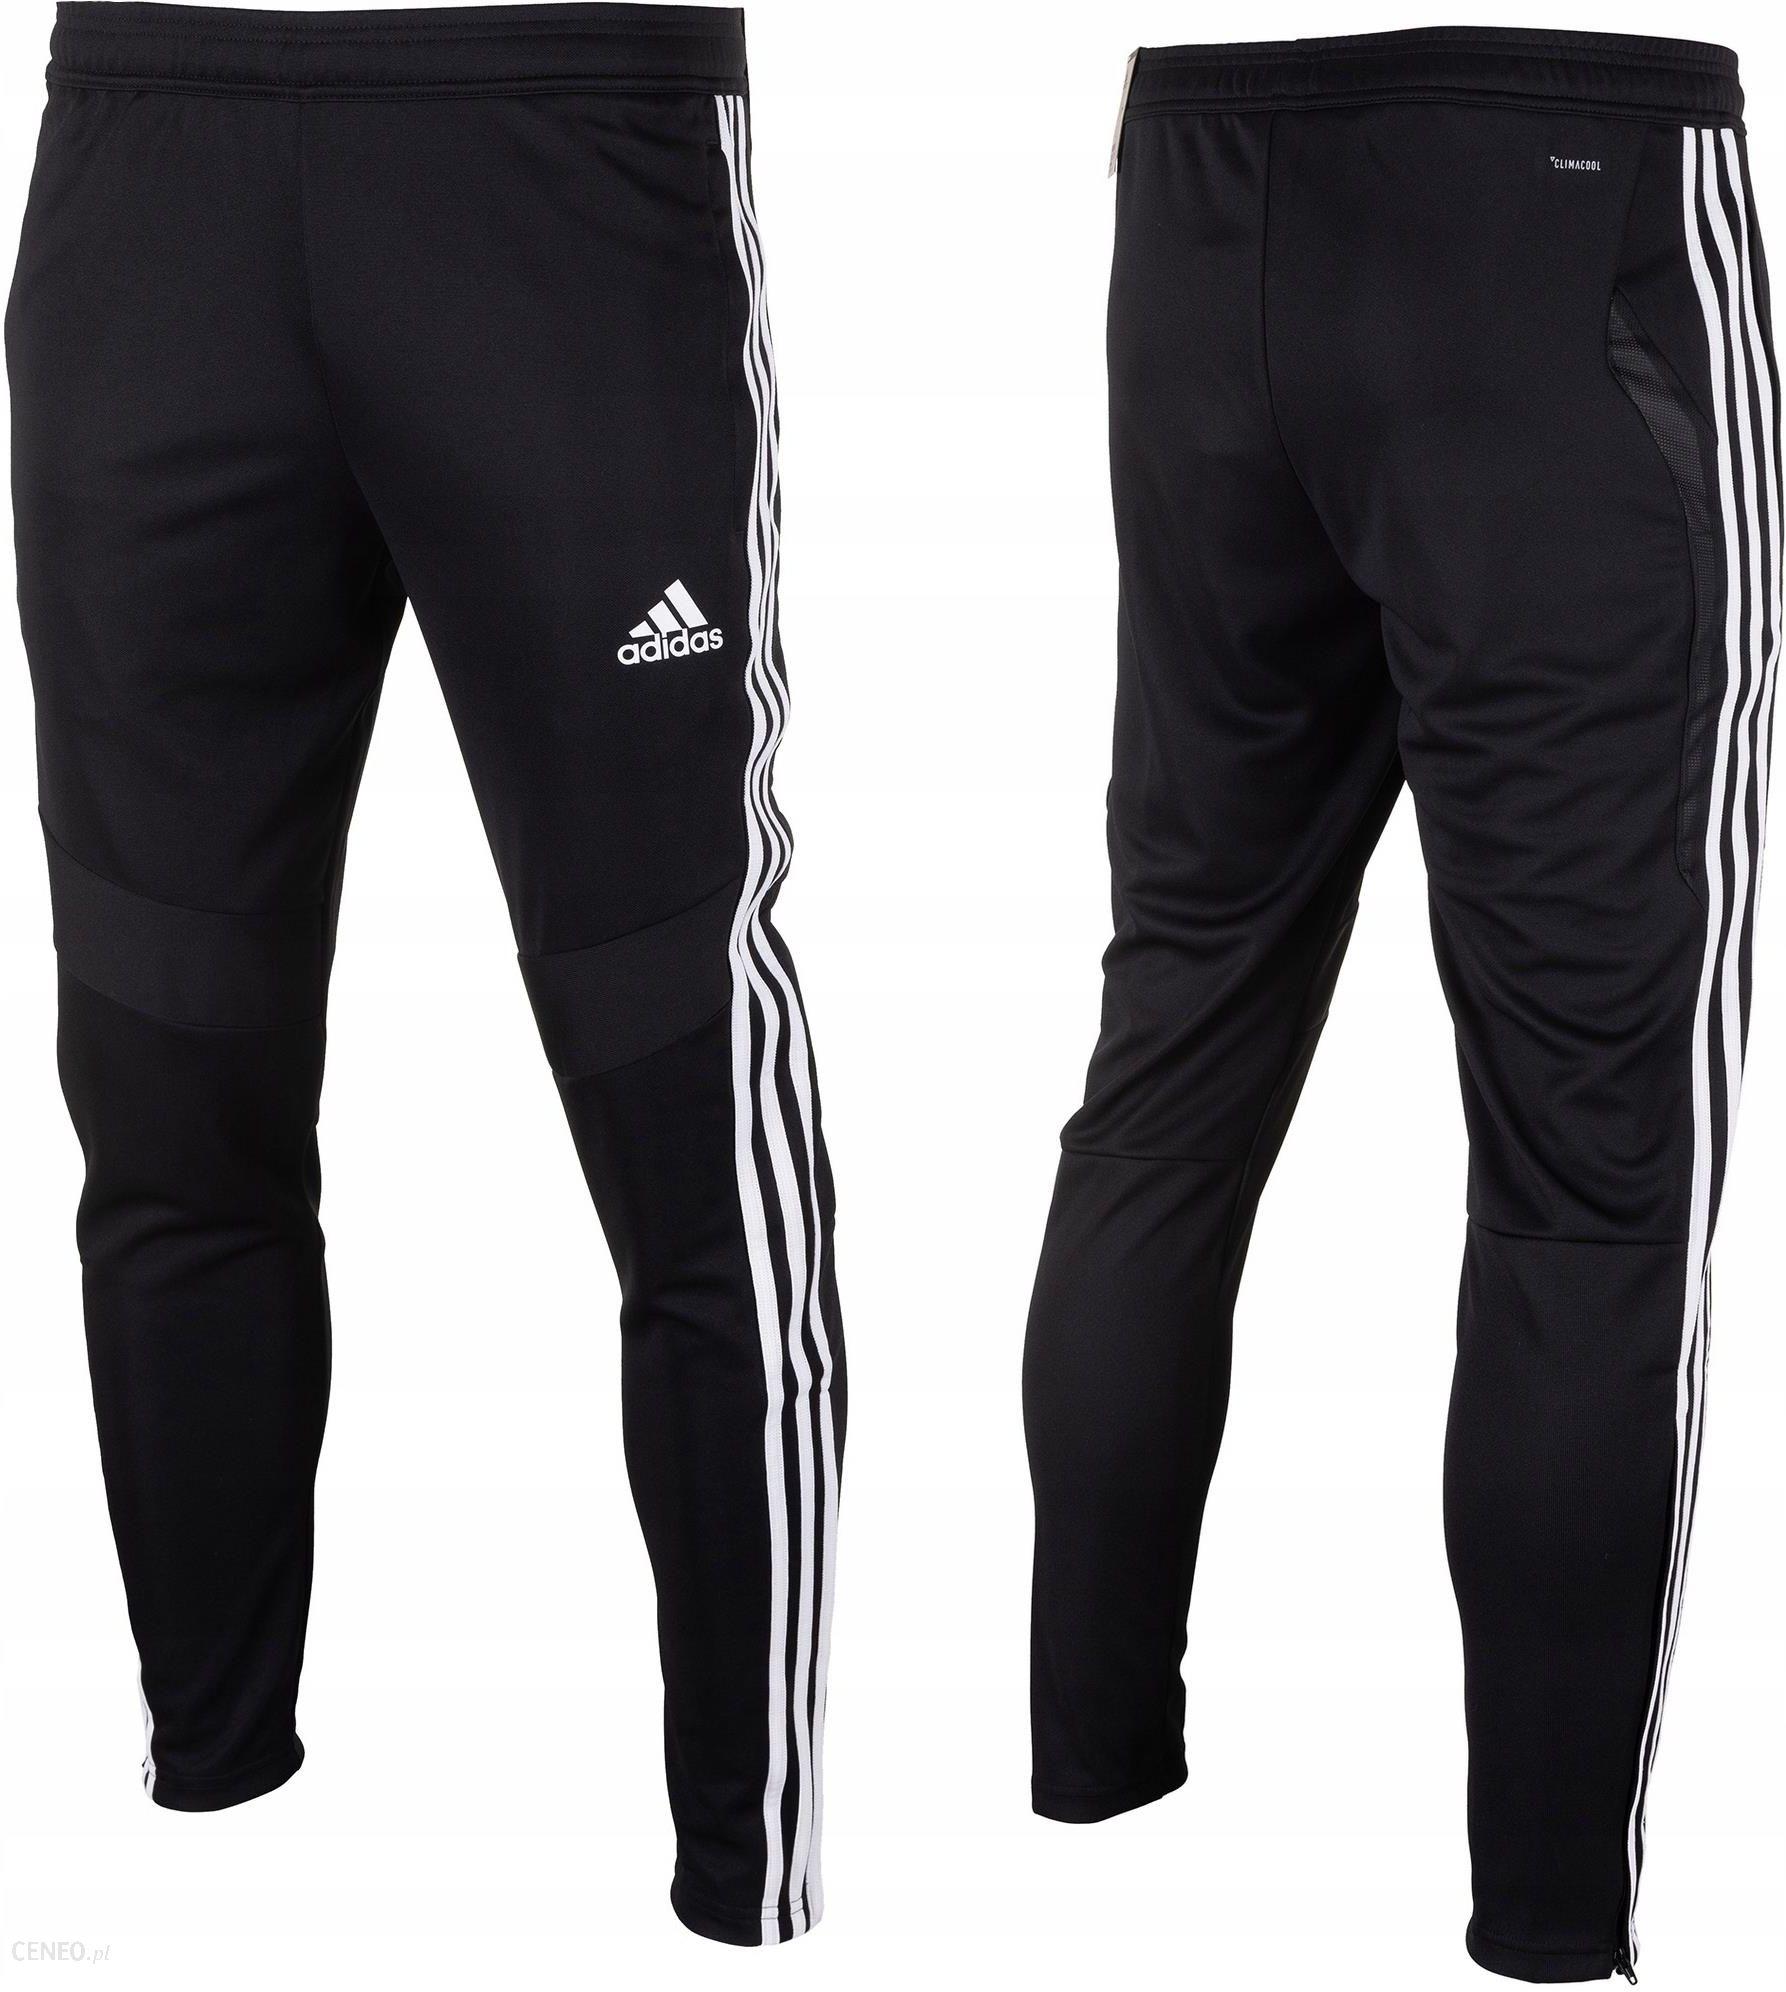 Adidas spodnie dresowe dresy męskie TIRO 19 L